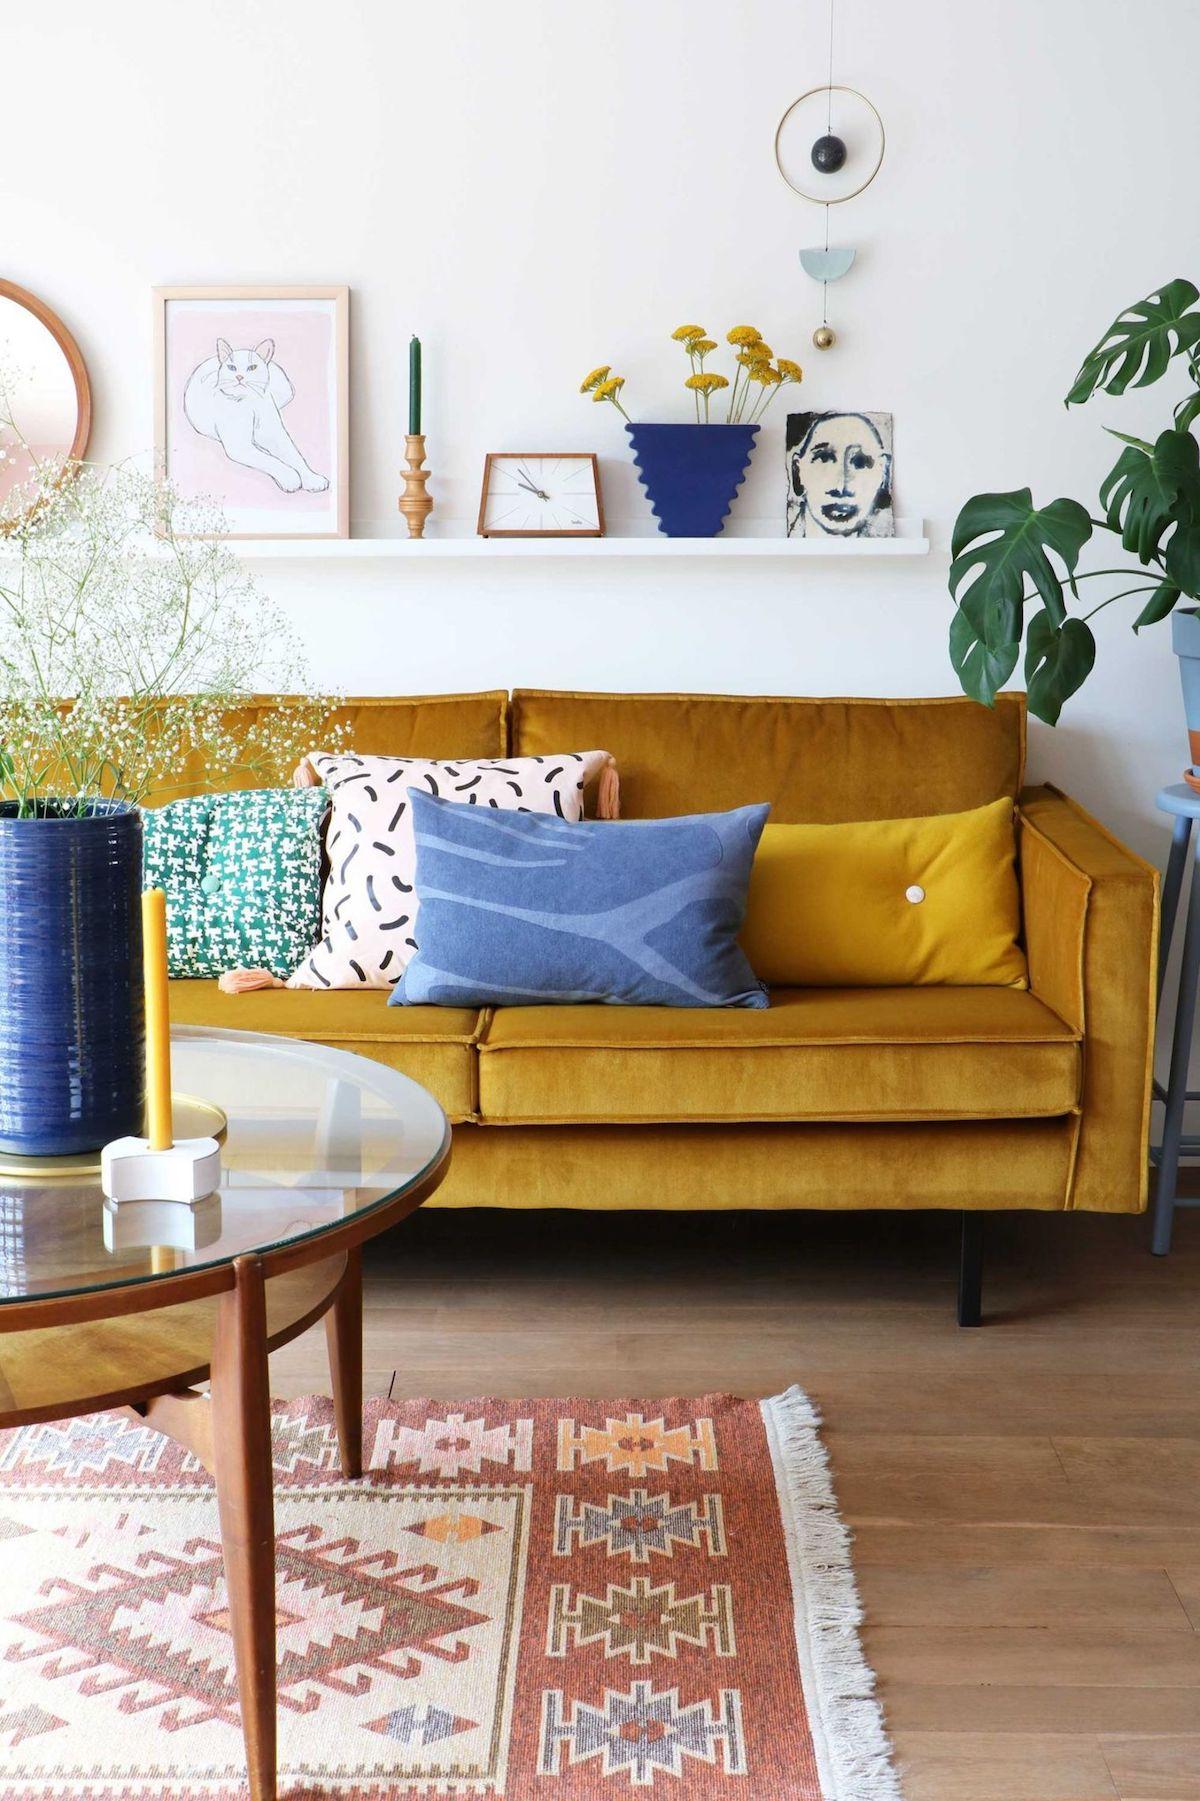 canapé jaune moutarde velours tapis ethnique table ronde verre blog déco